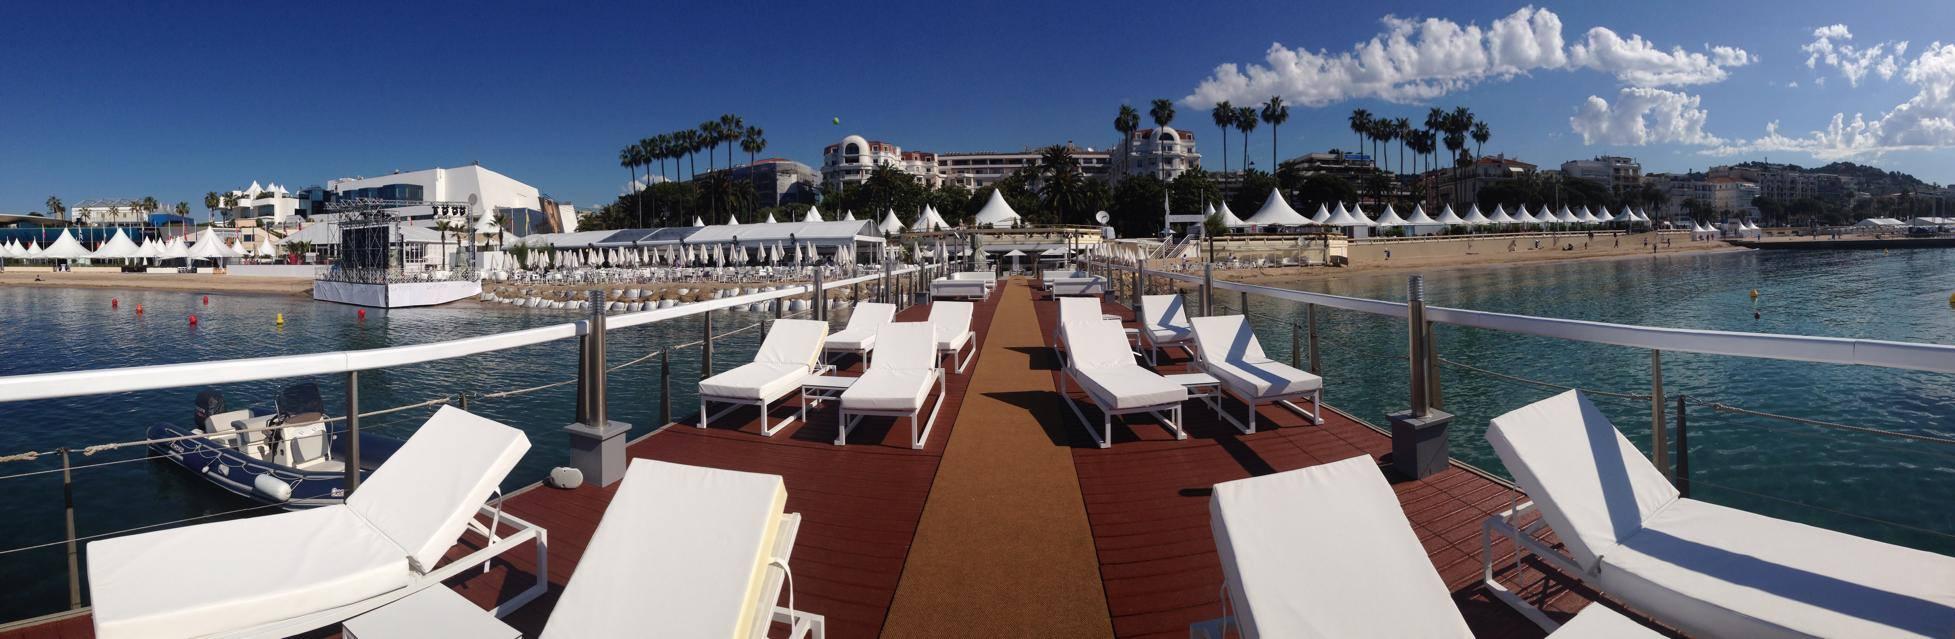 Festival des saveurs pour la soirée de clôture du Festival de Cannes avec 1 400 convives au Majestic…